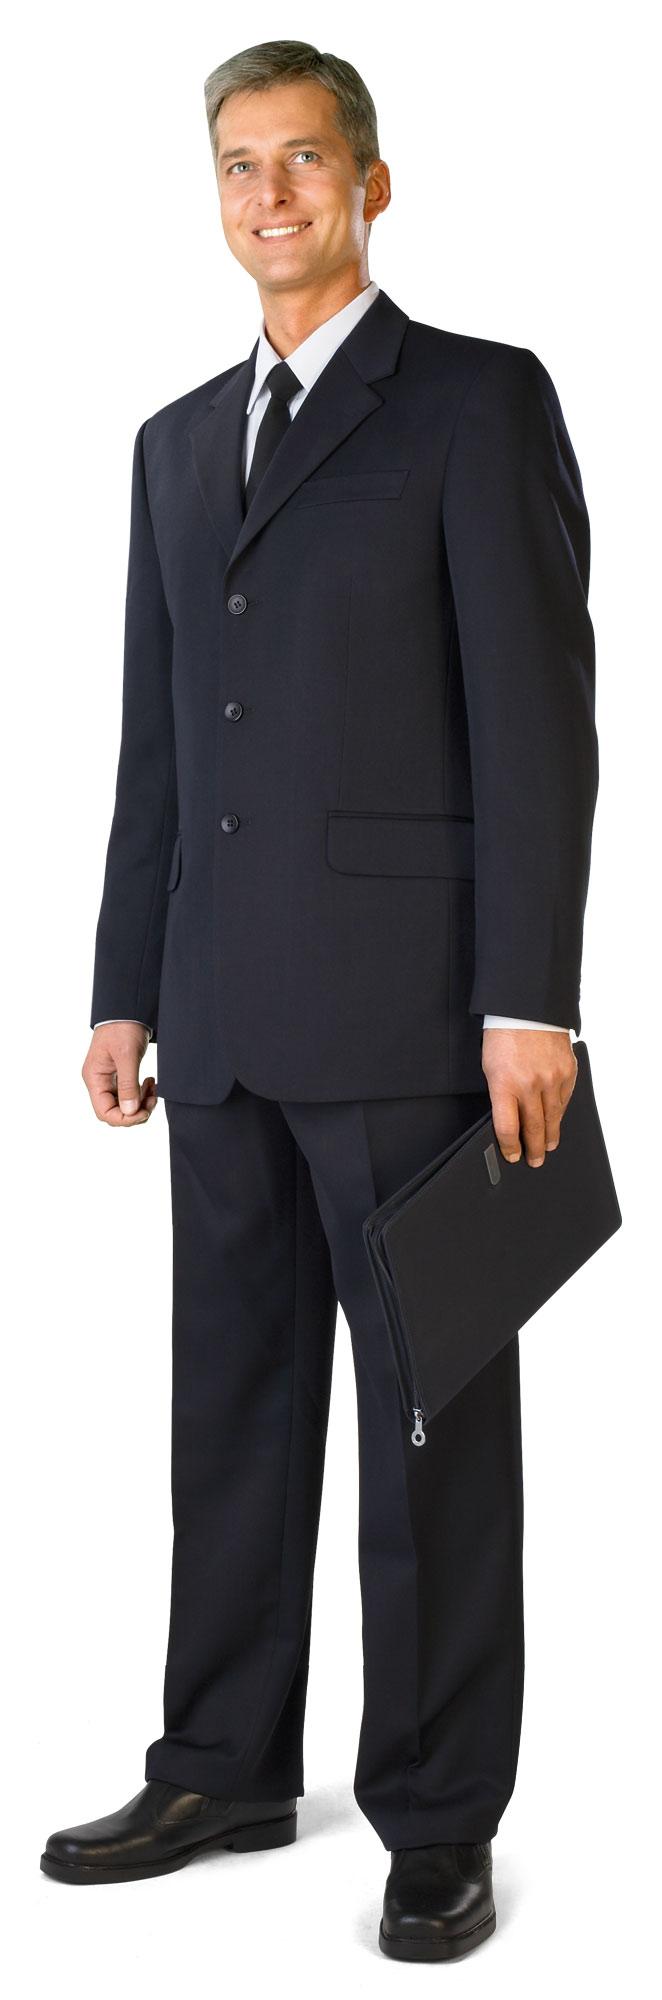 Джемпер форменный с накладками